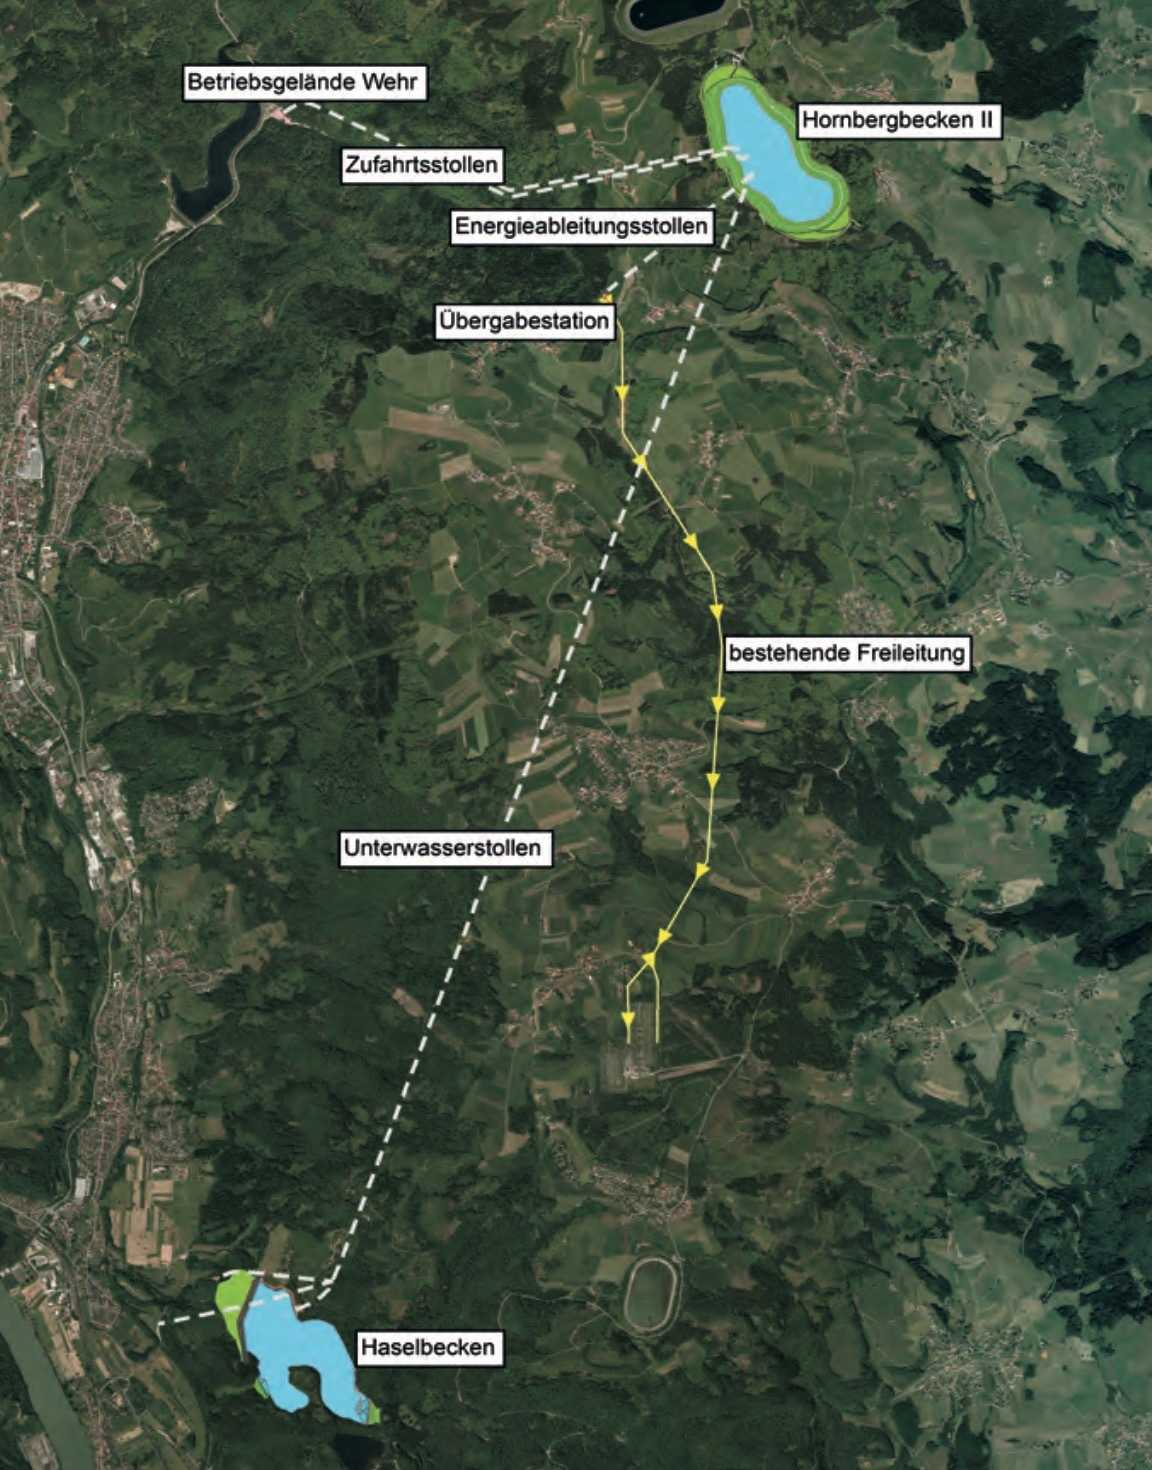 Zwei neue Speicherbecken und mehr als 25 km Untertagebauwerke sollten für das Pumpspeicherwerk Atdorf errichtet werden.